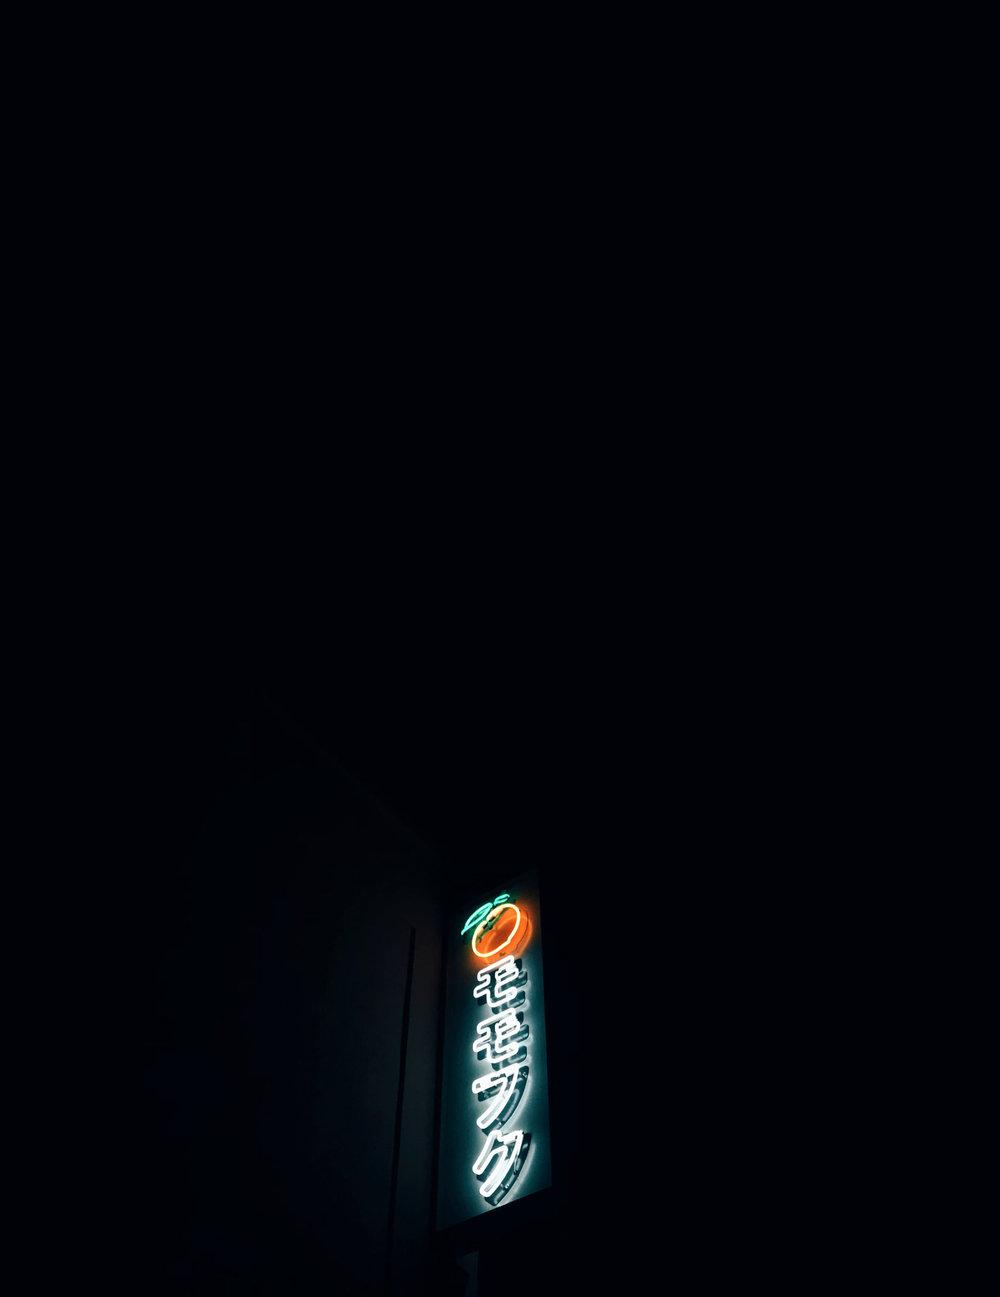 MAJORDOMO-SIGN.jpg